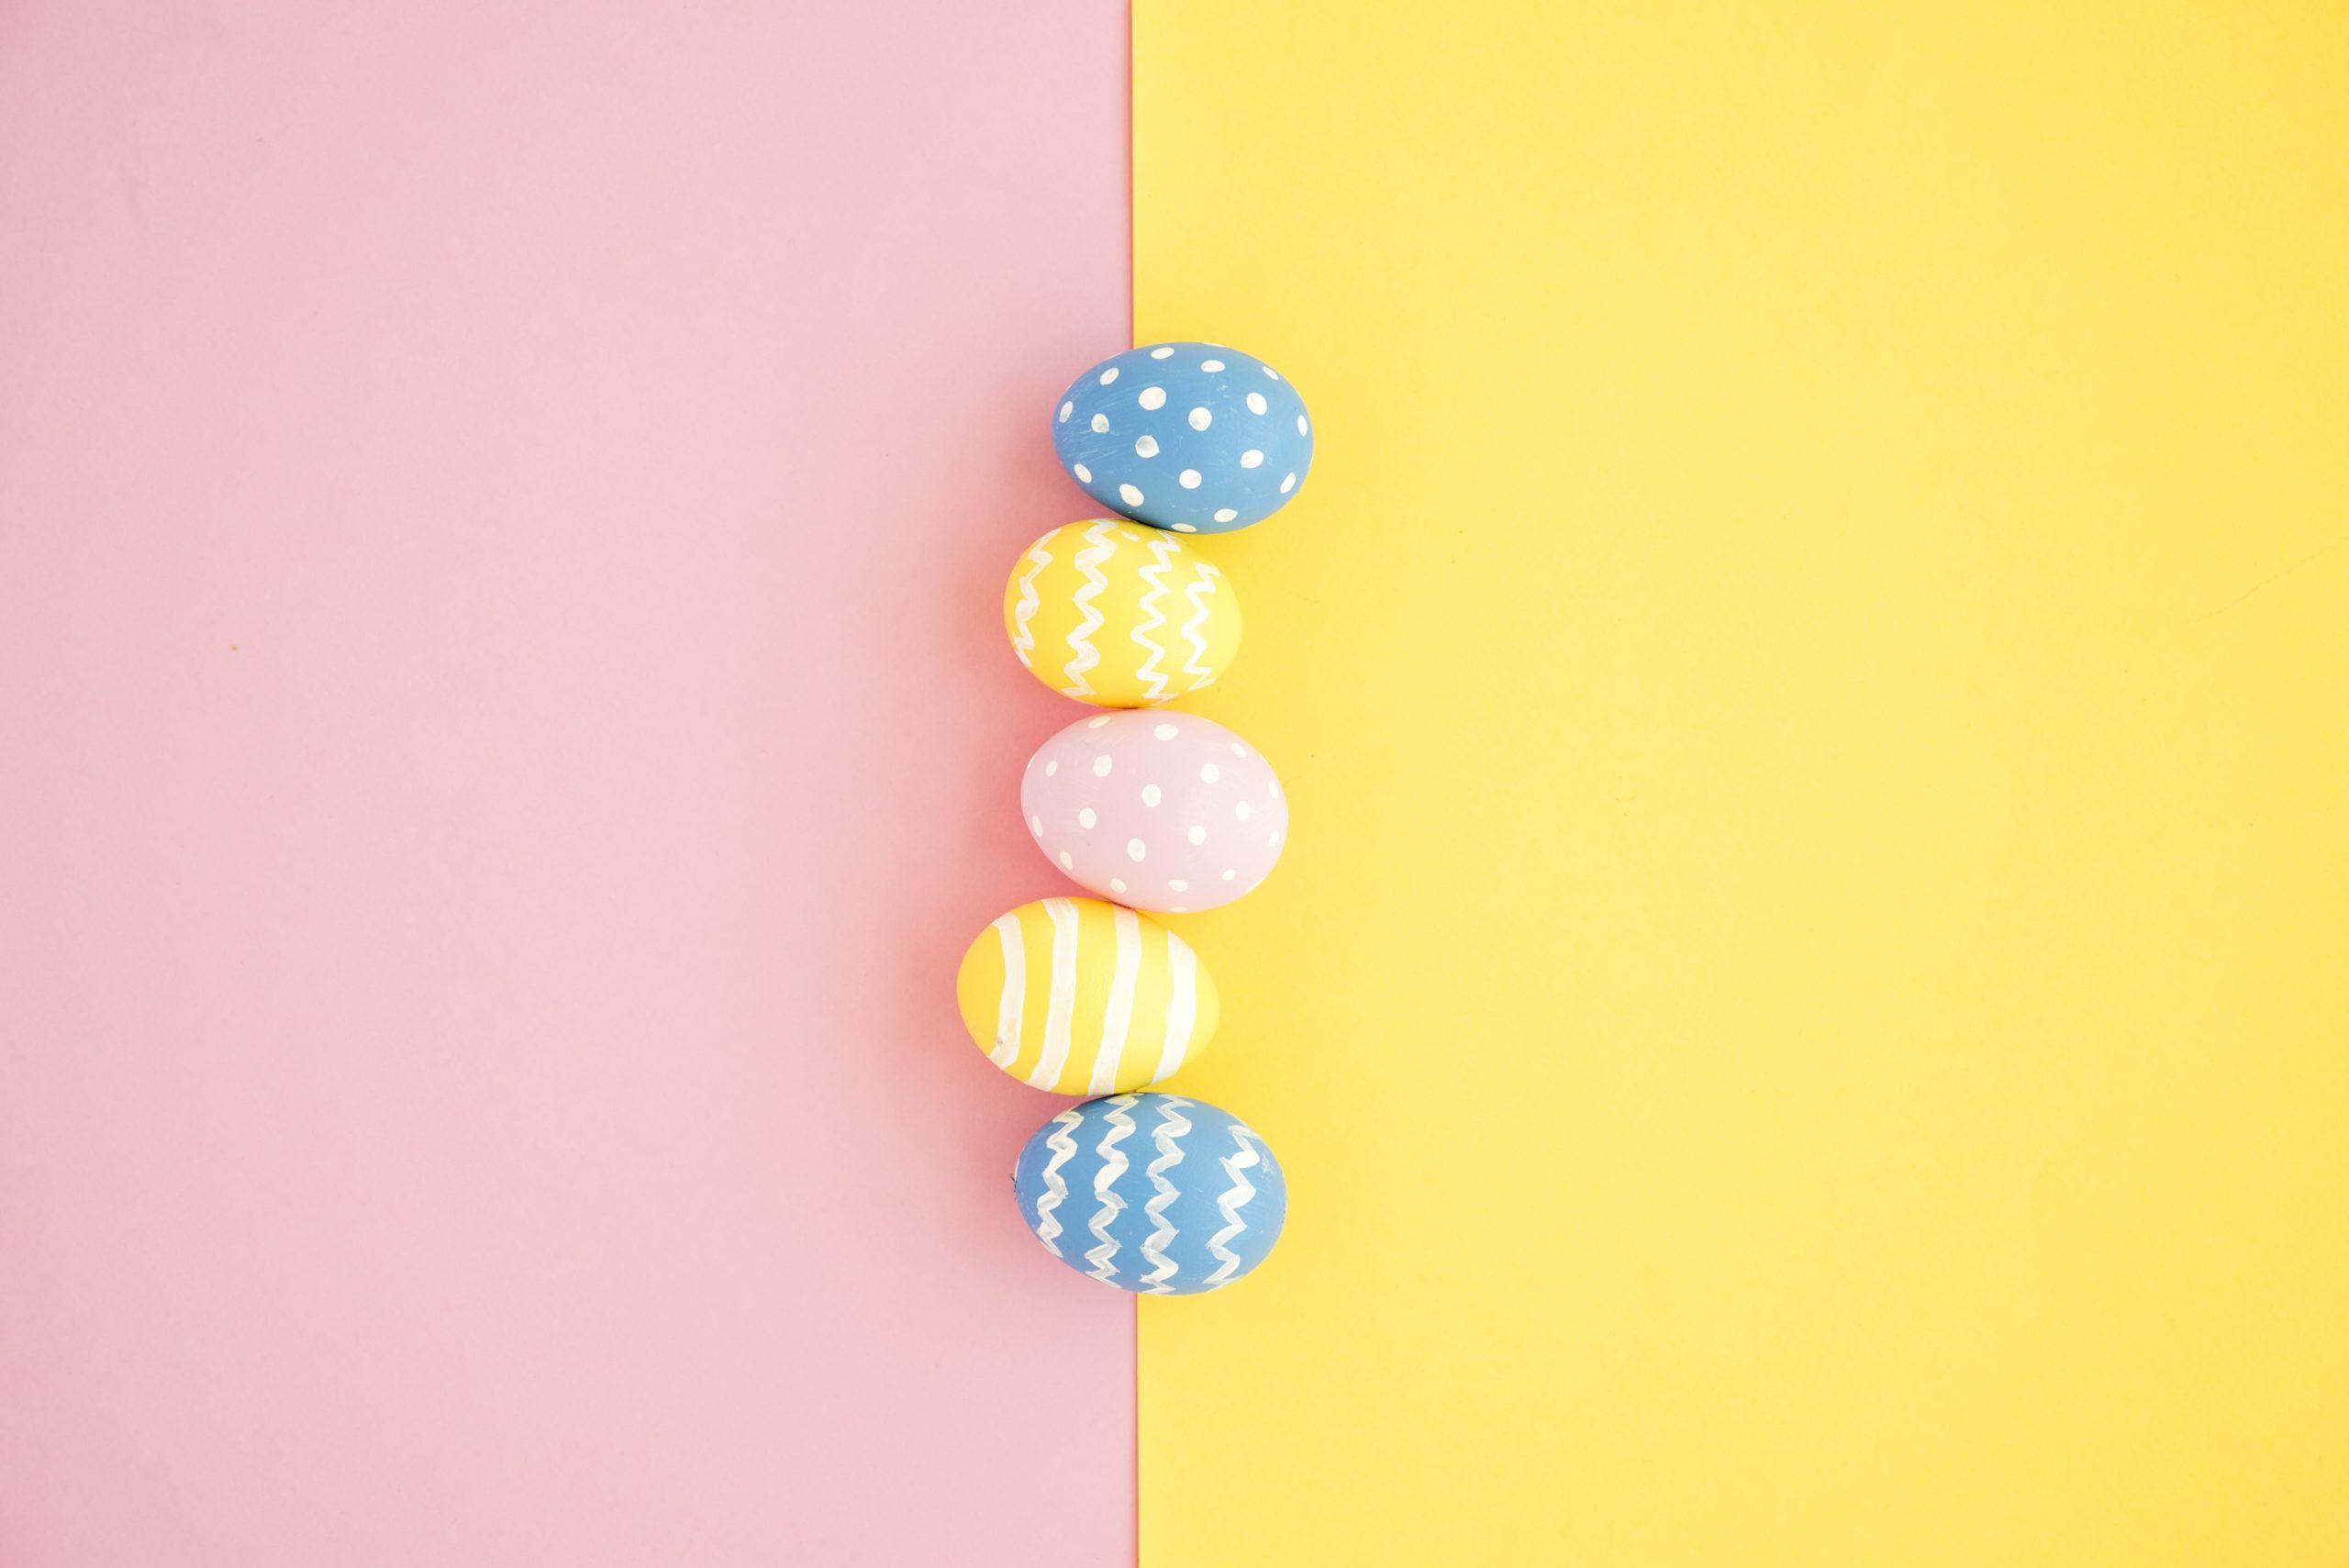 Kolorowanki wielkanocne - Wielkanoc 2020 | InformationHouse.pl